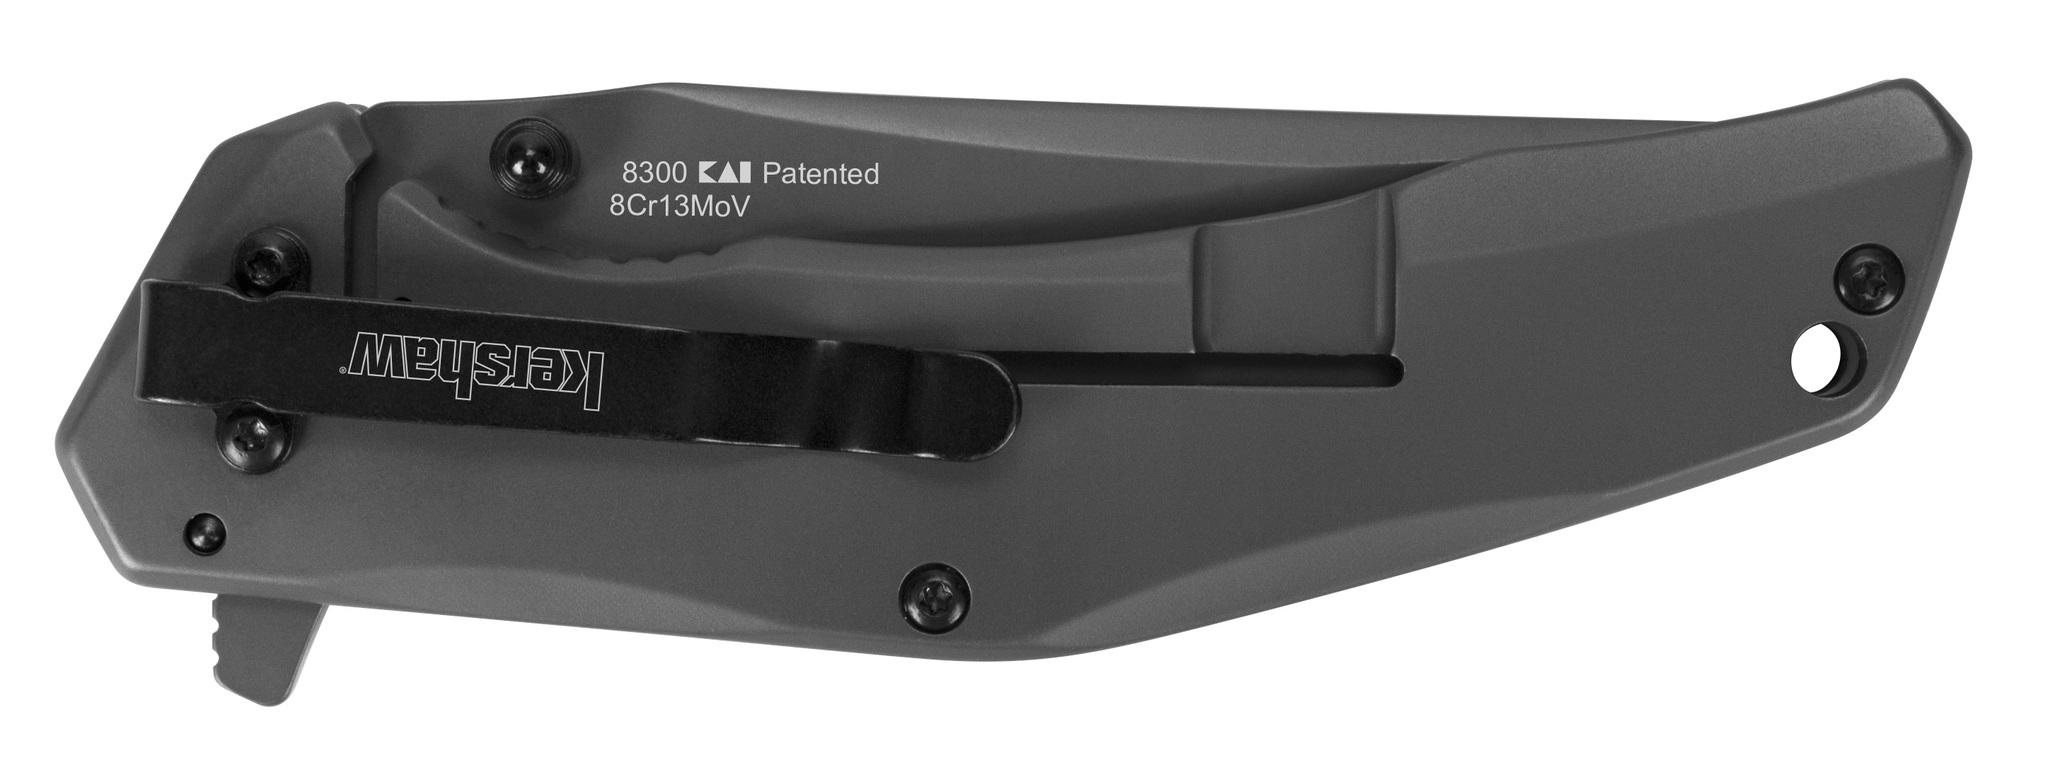 Фото 2 - Складной полуавтоматический нож Kershaw Duojet K8300, сталь 8Cr13MoV, рукоять нержавеющая сталь/карбон